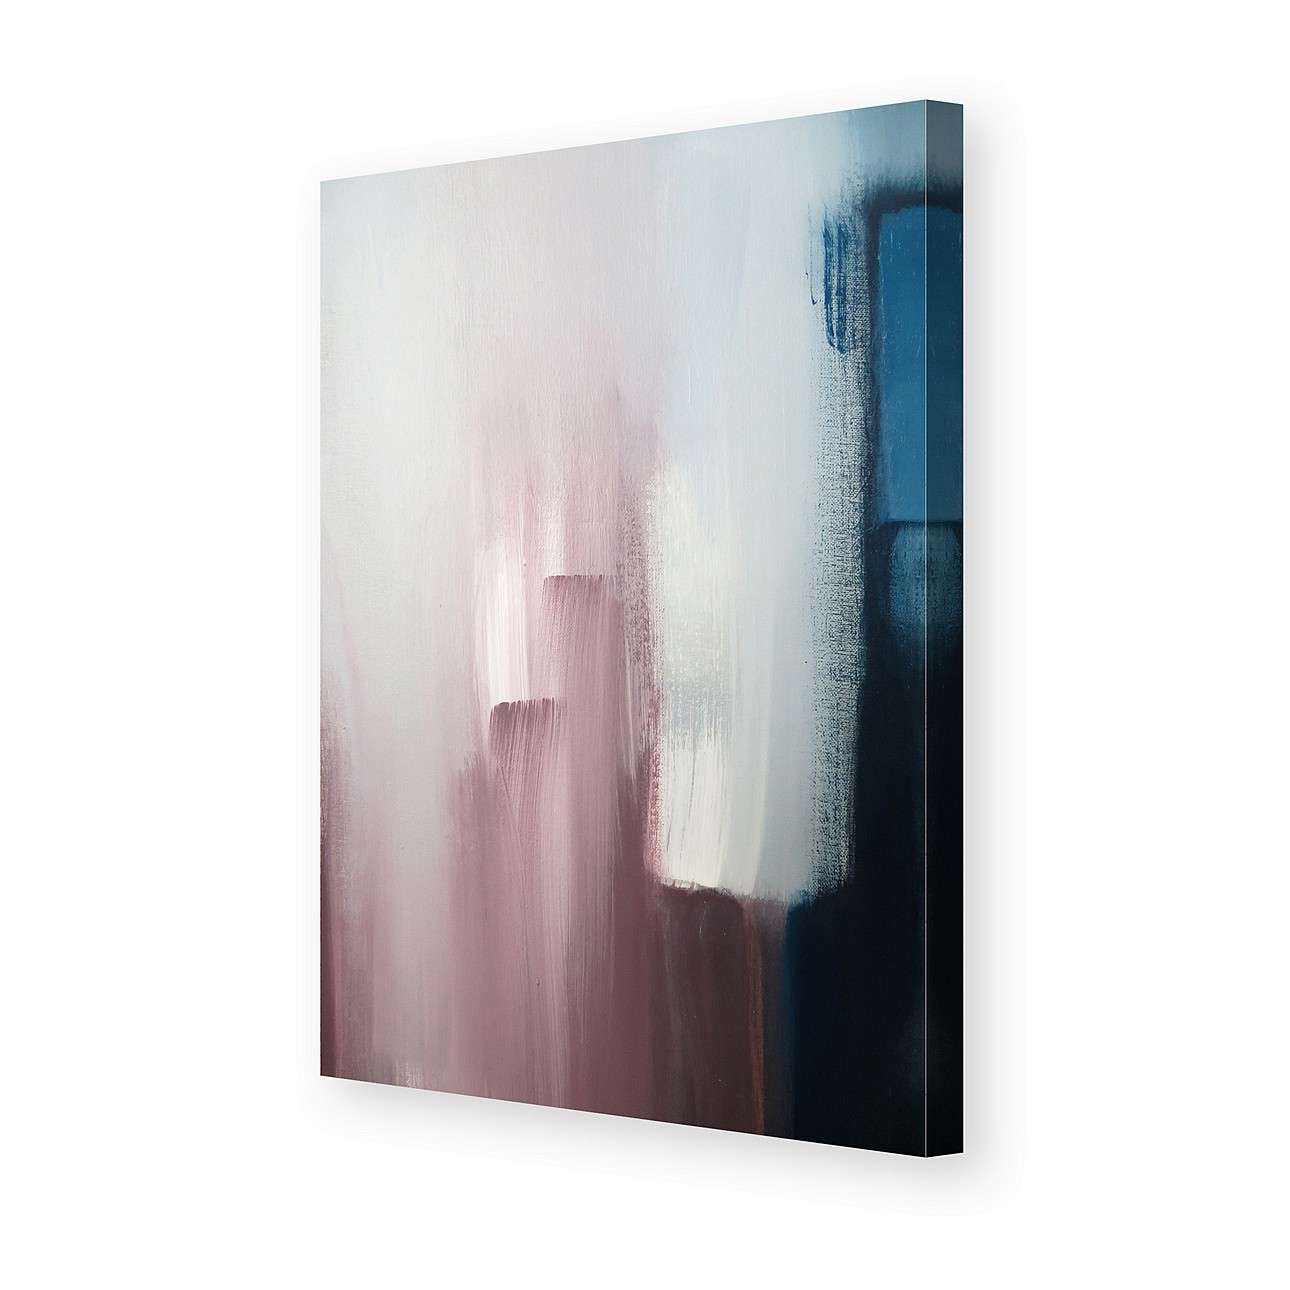 Kunstrprint canvas Soft Smuge